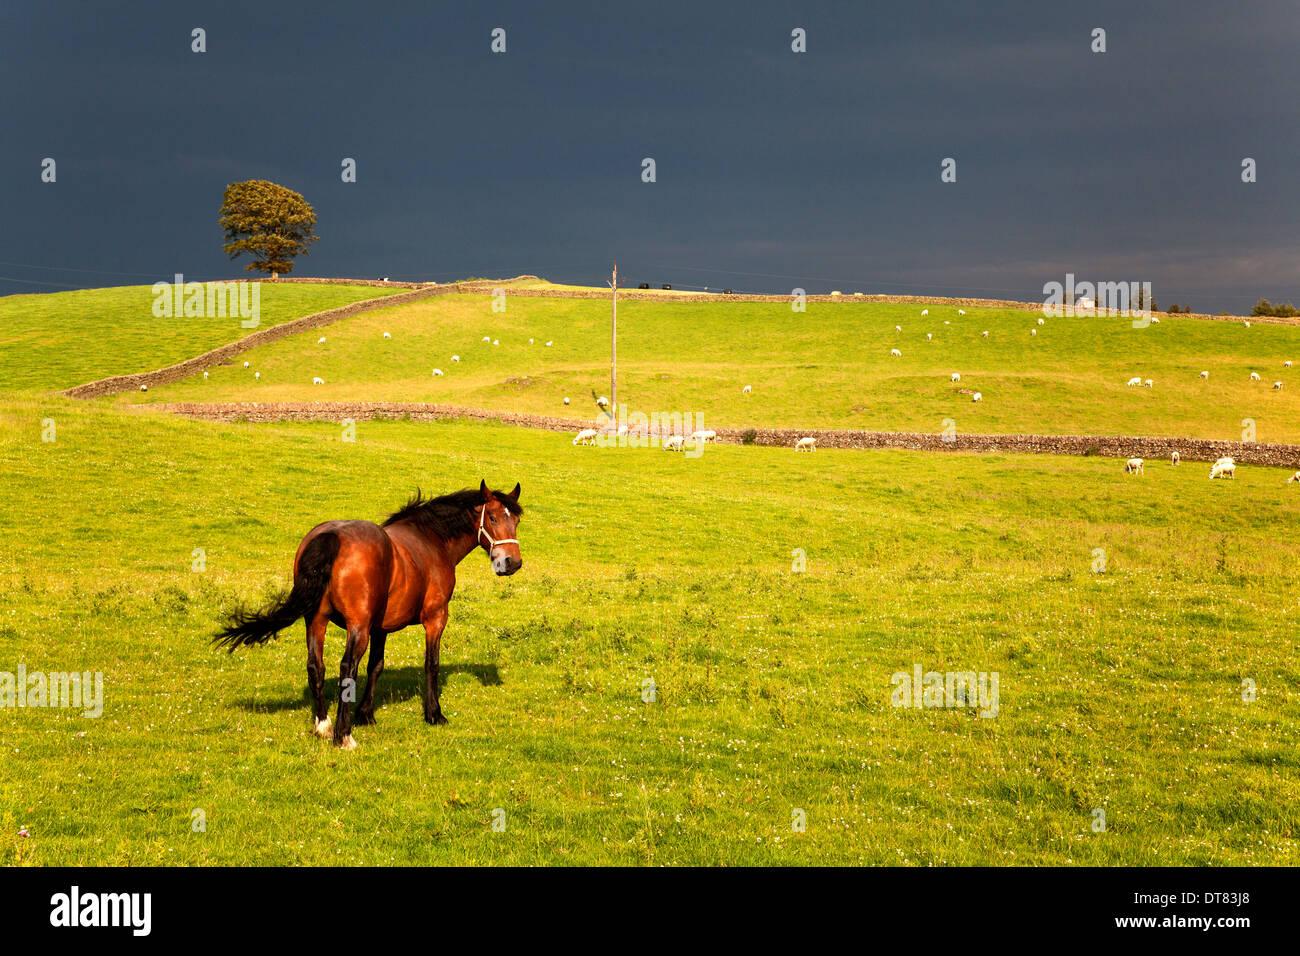 horse-in-sunlit-field-with-stormy-sky-behind-crocketford-dumfries-DT83J8.jpg